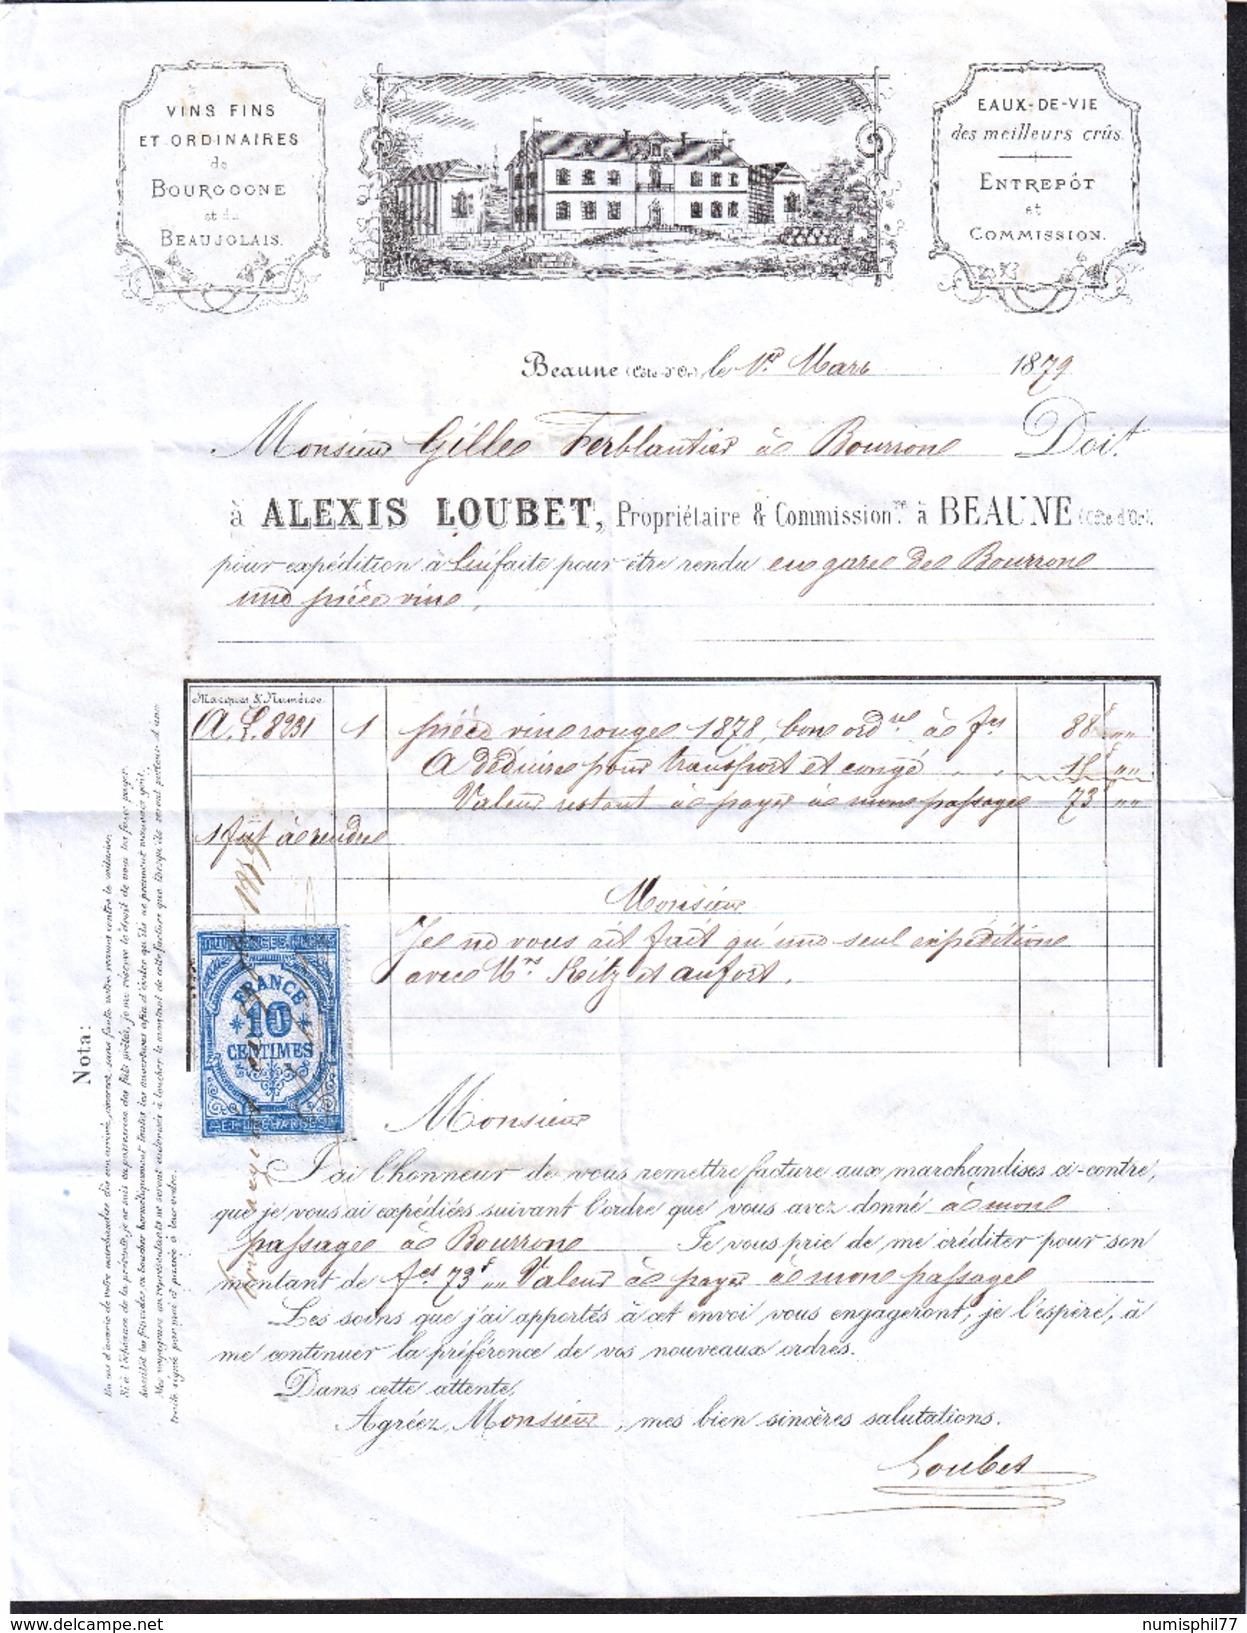 FRANCE - FACTURE Du 1 Mars 1879 ALEXIS LOUBET VINS FINS ET ORDINAIRES DE BOURGOGNE ET DU BEAUJOLAIS - France